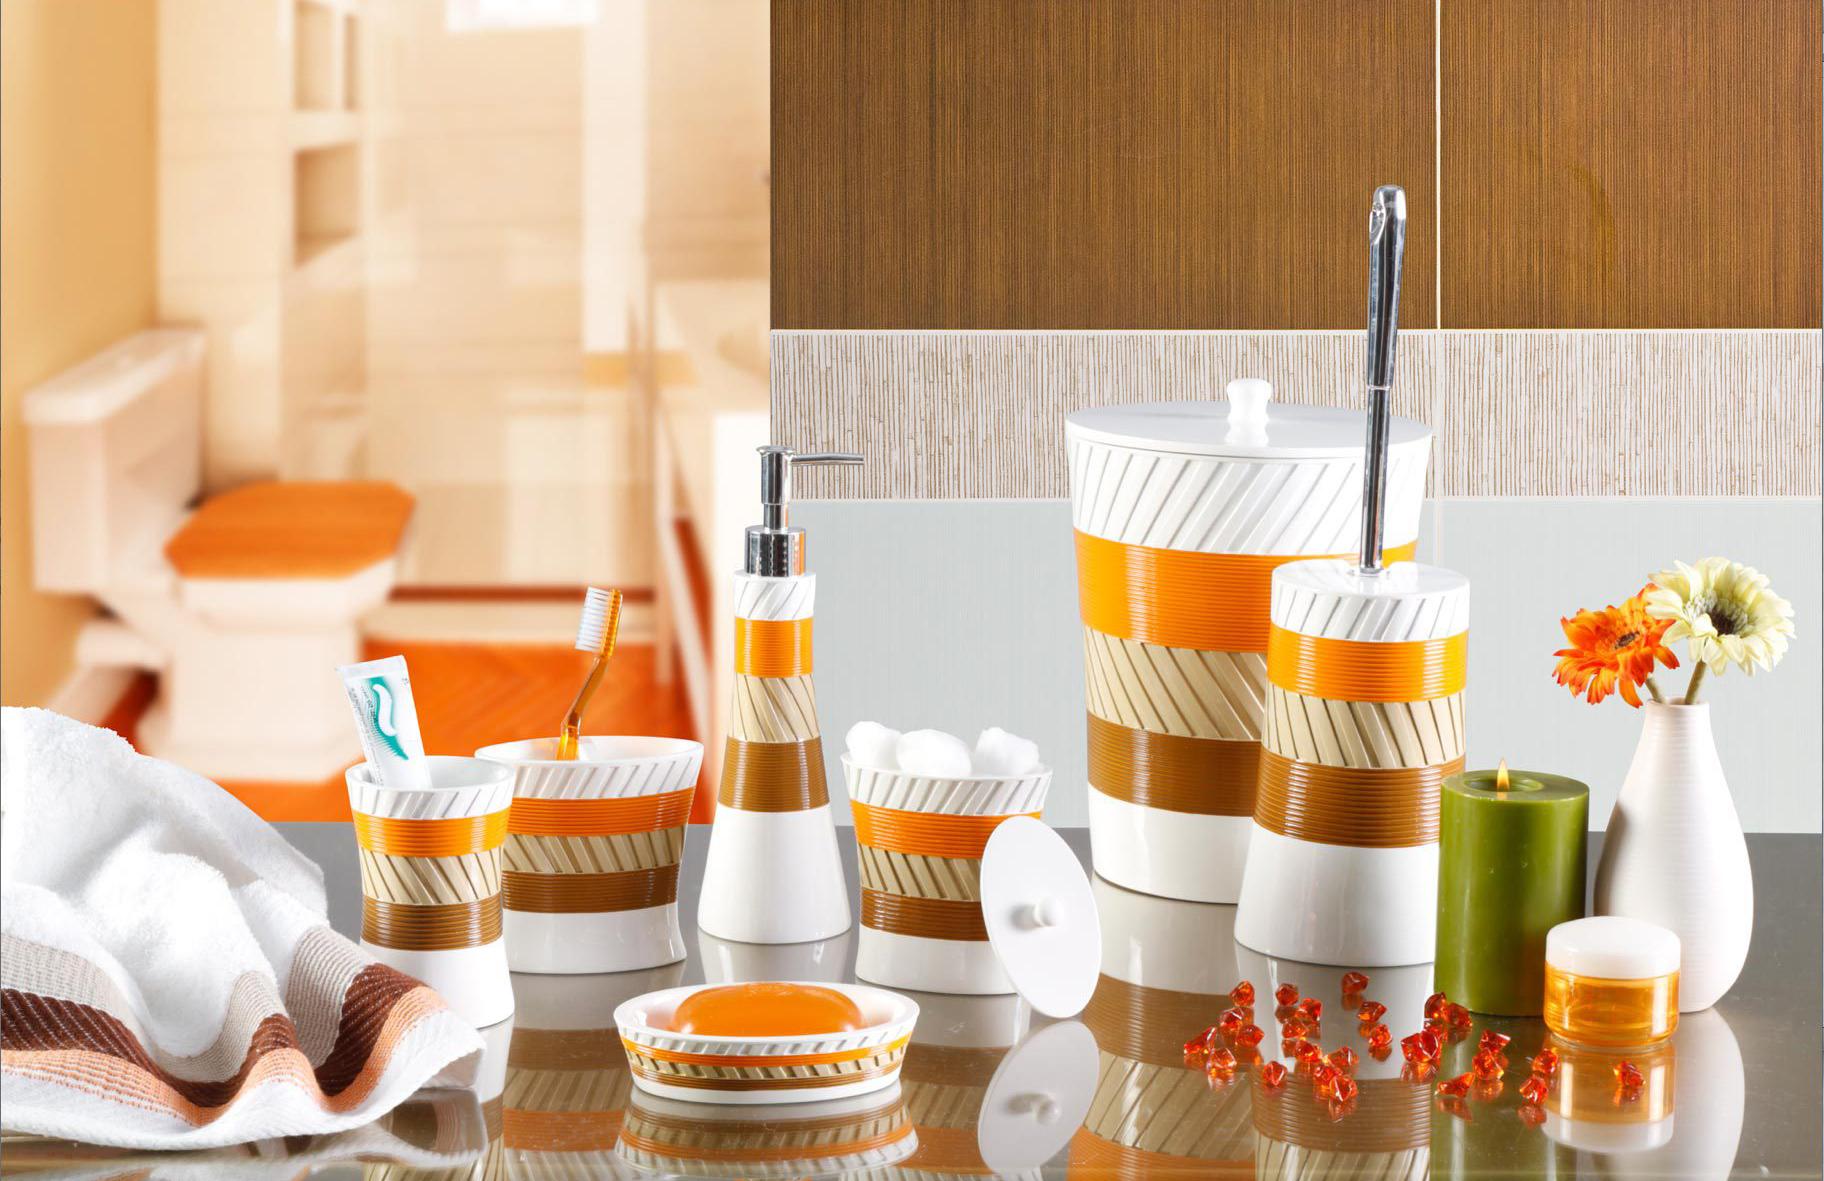 Аксессуары для ванной с оранжевыми акцентами